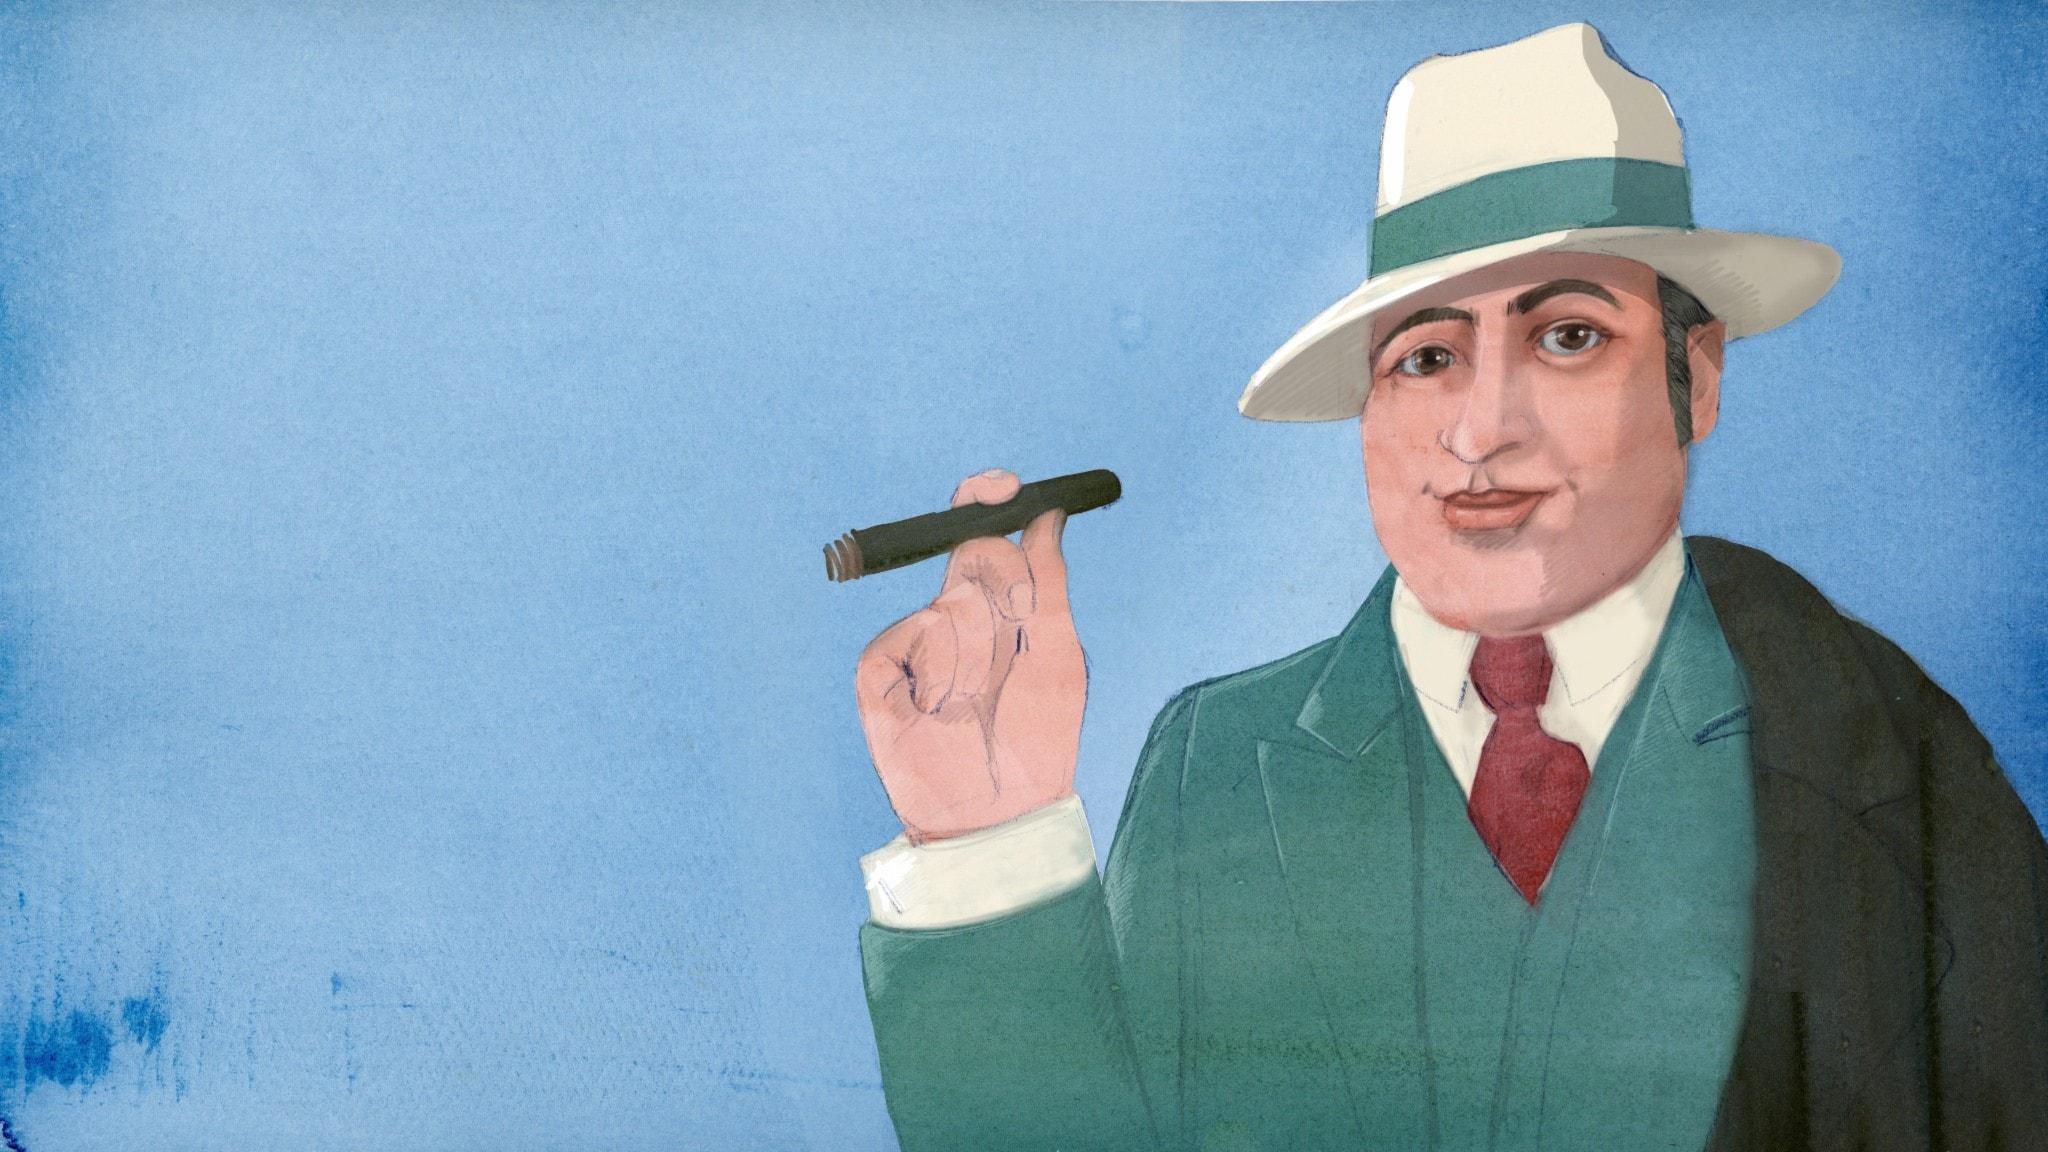 Al Capone - Gangstern med det snälla ansiktet och elaka planerna